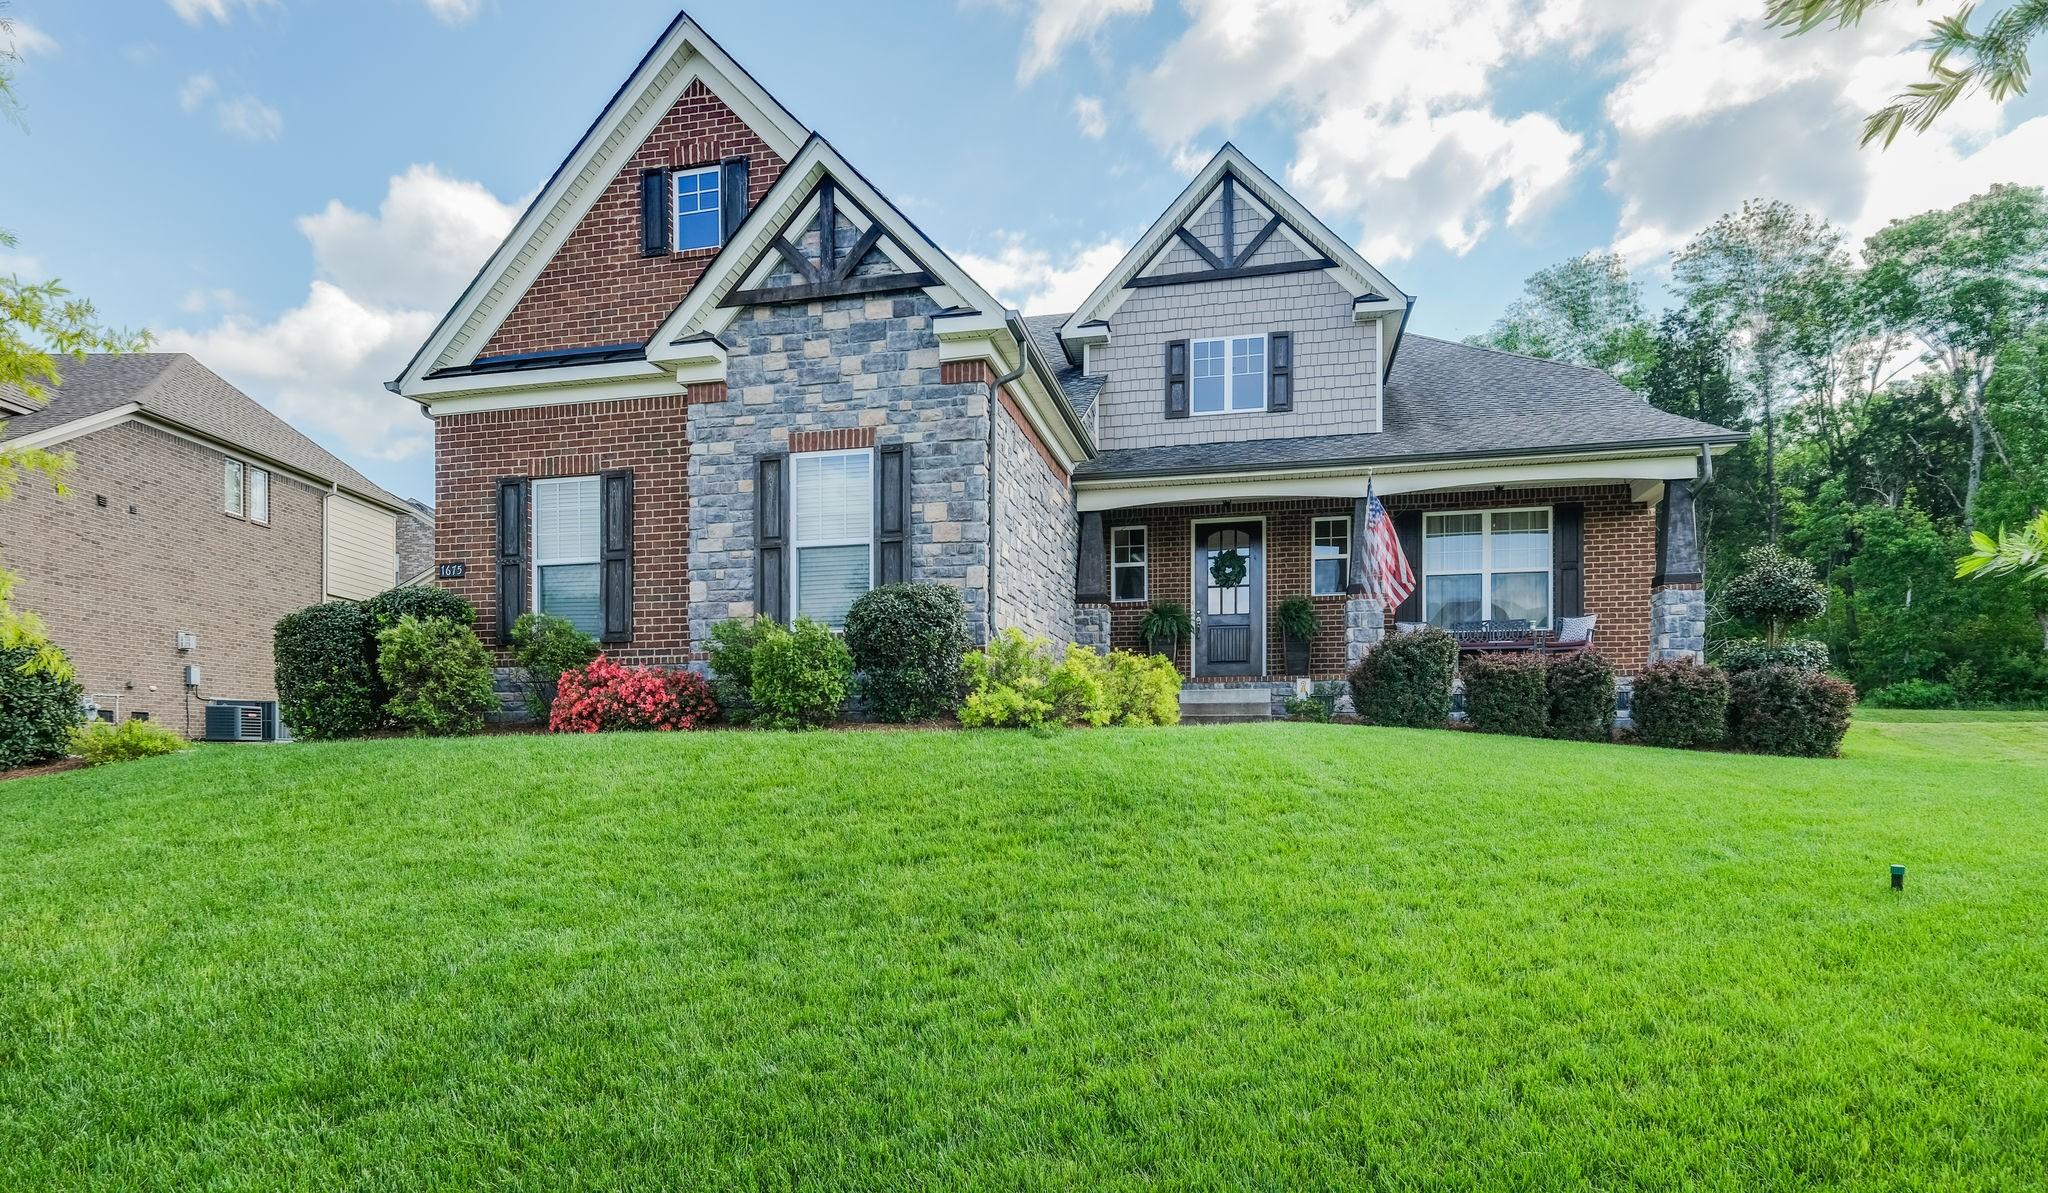 1675 Briarcliff Dr, Nolensville, TN 37135 - Nolensville, TN real estate listing